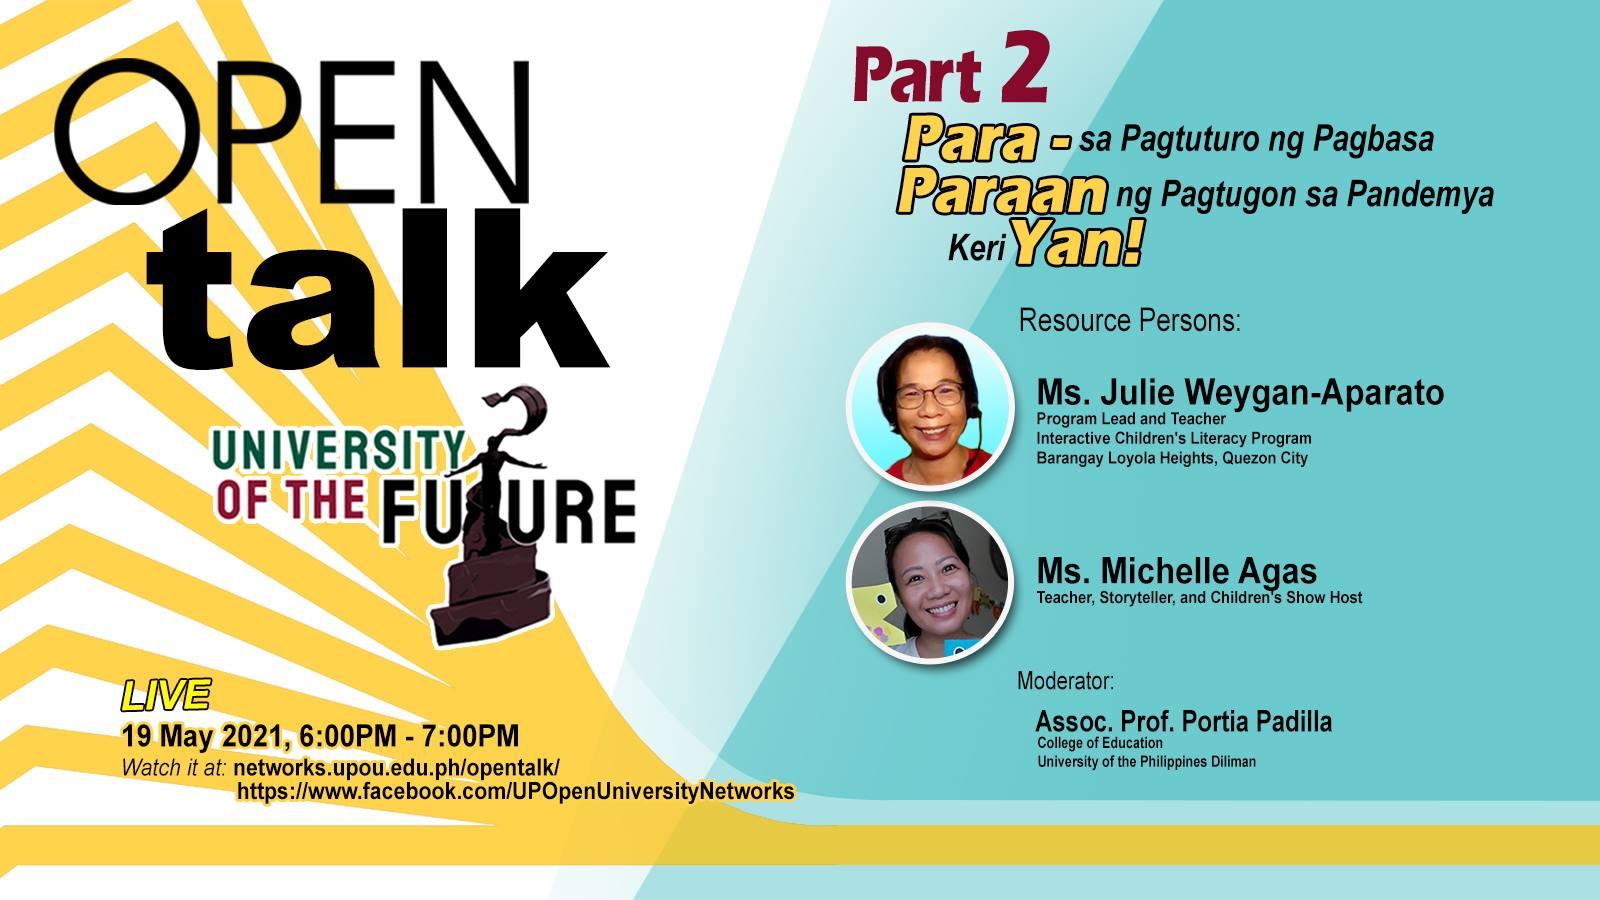 OPEN Talk Para Paraan Yan Part 2